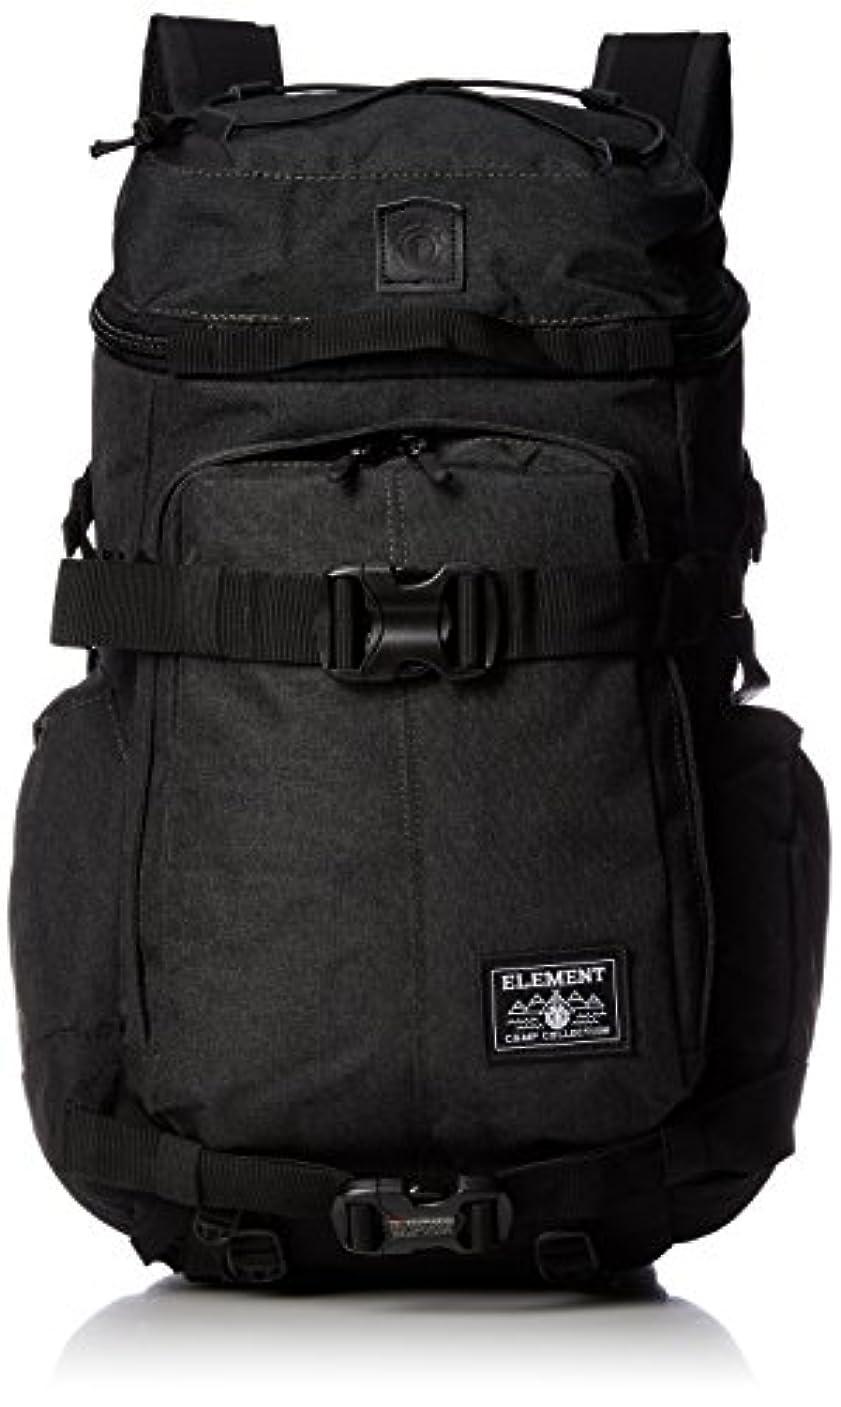 白菜衣服オゾン[エレメント] リュック 30L (ノートパソコン 収納可能) 【 AH022-963 / The Explorer 】 バッグ デイパック